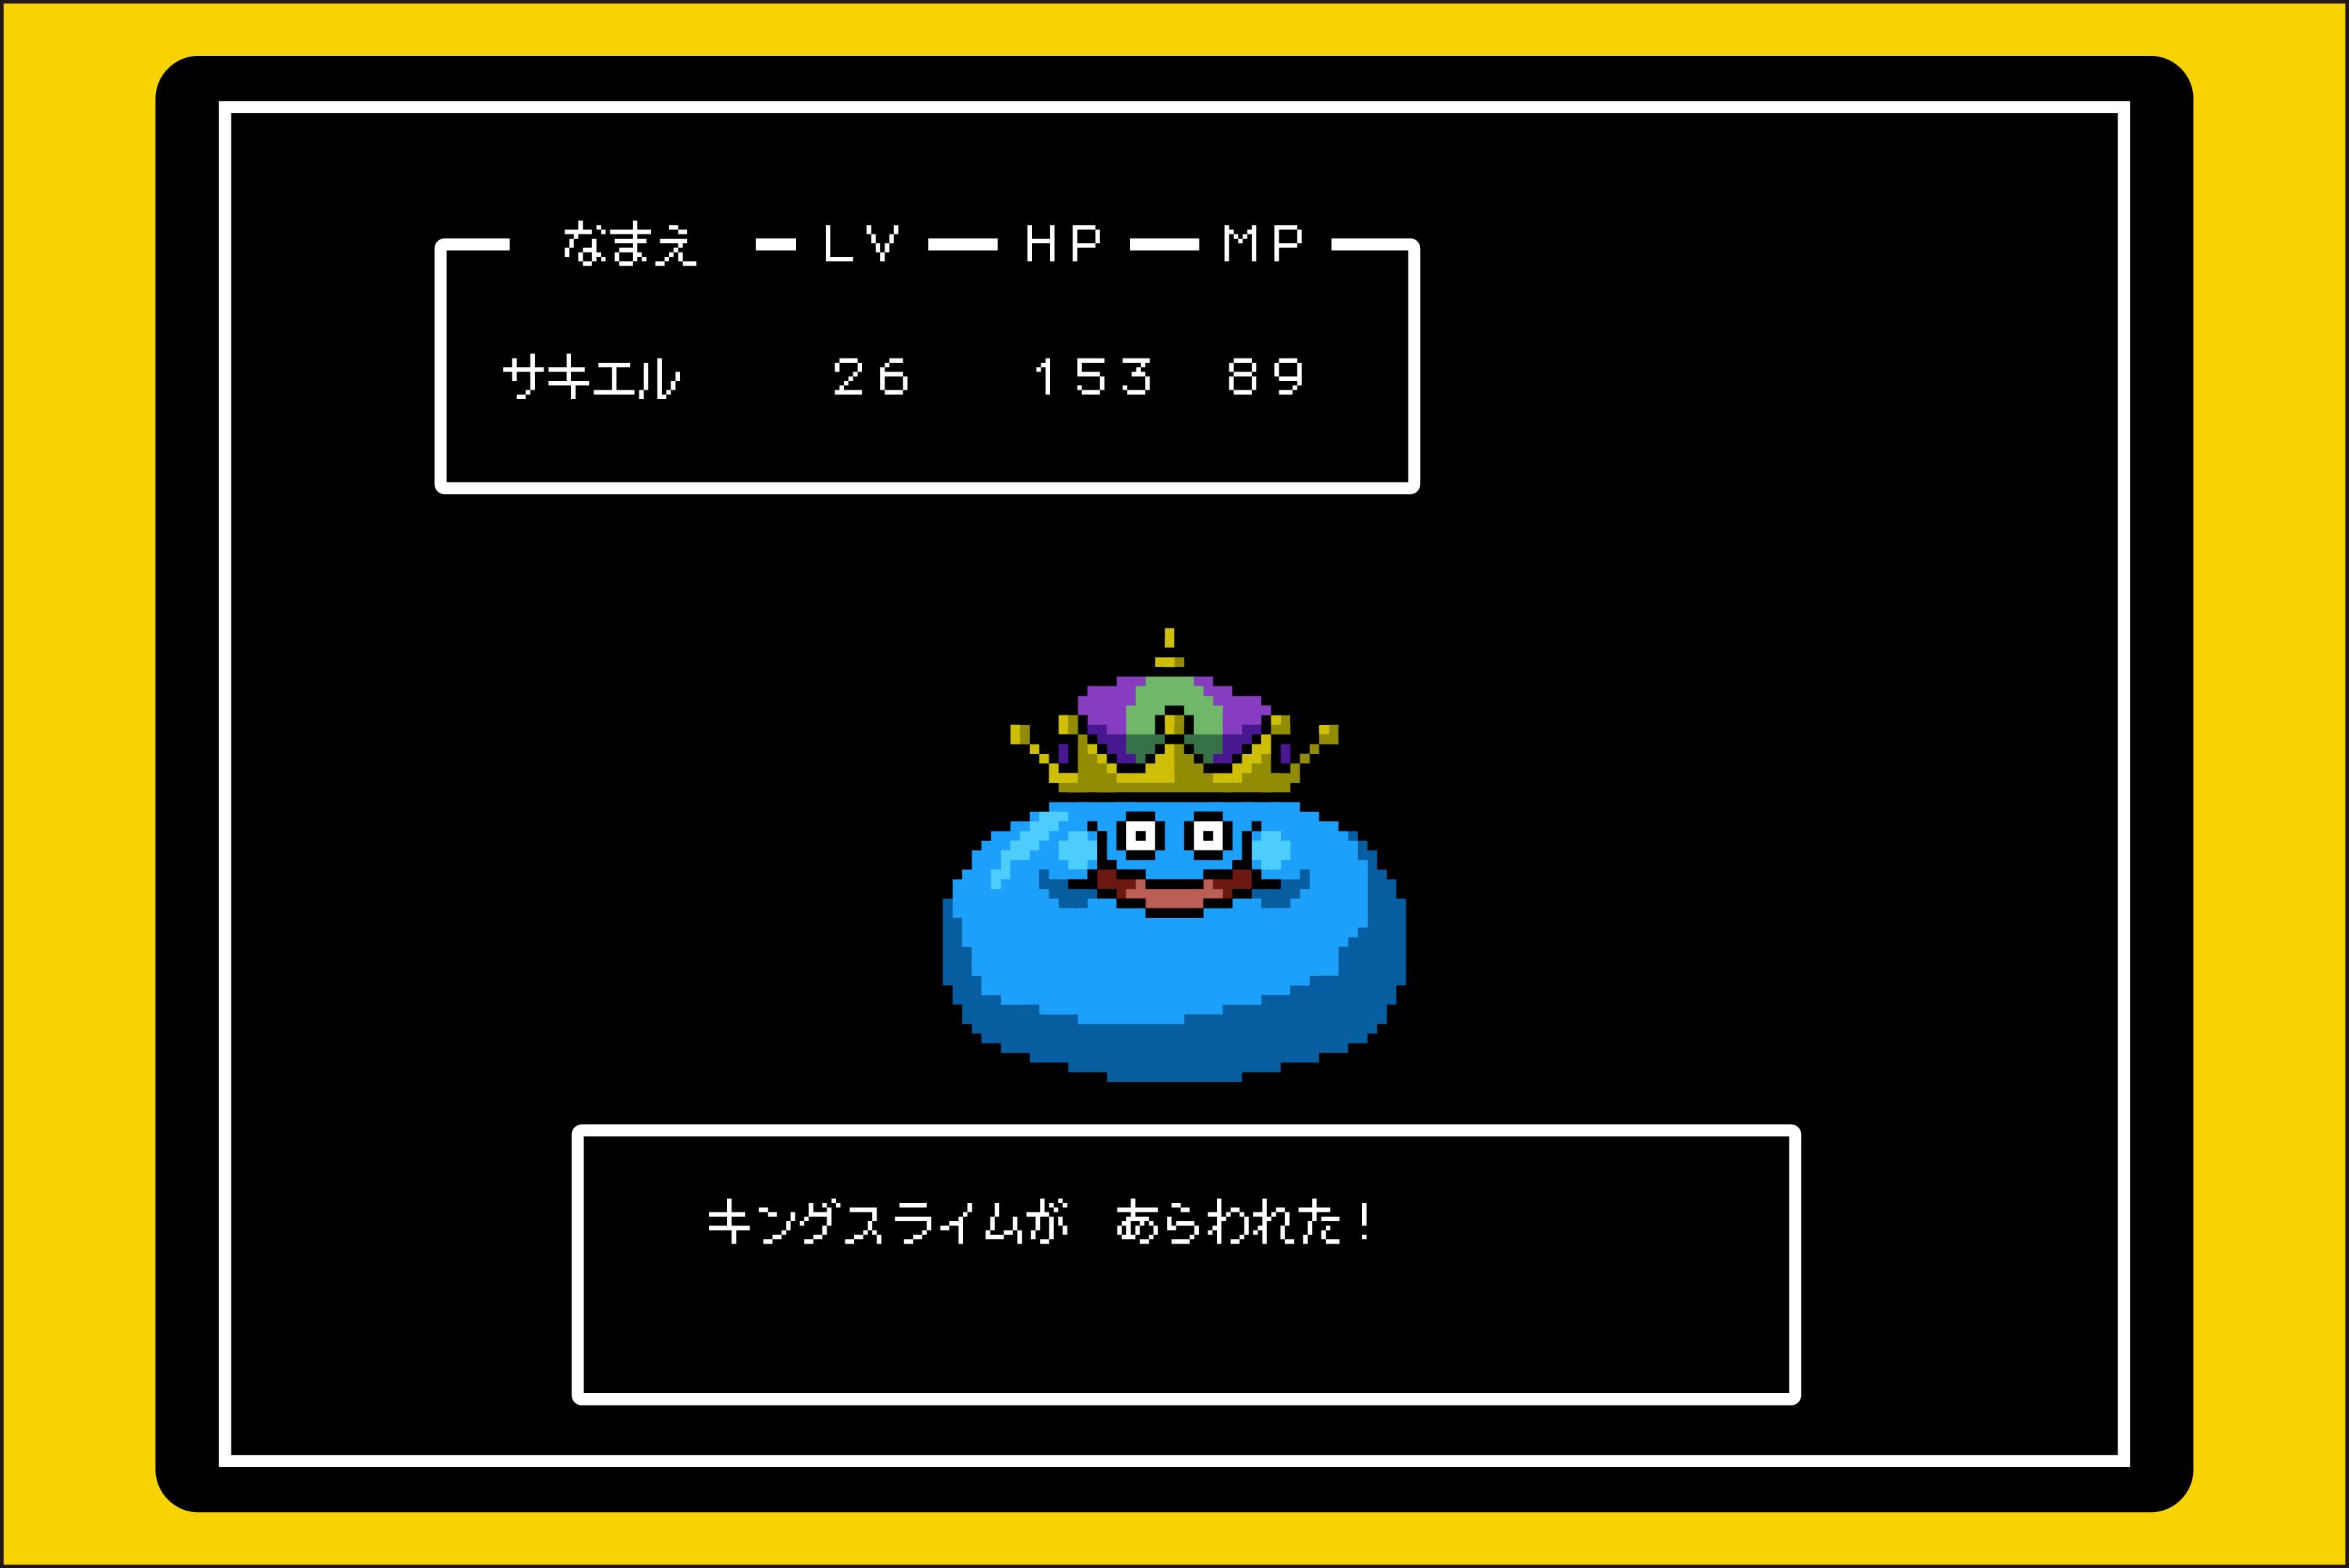 【ドラゴンクエスト】キングスライムのアイロンビーズ・ドット絵図案【ドラクエ】